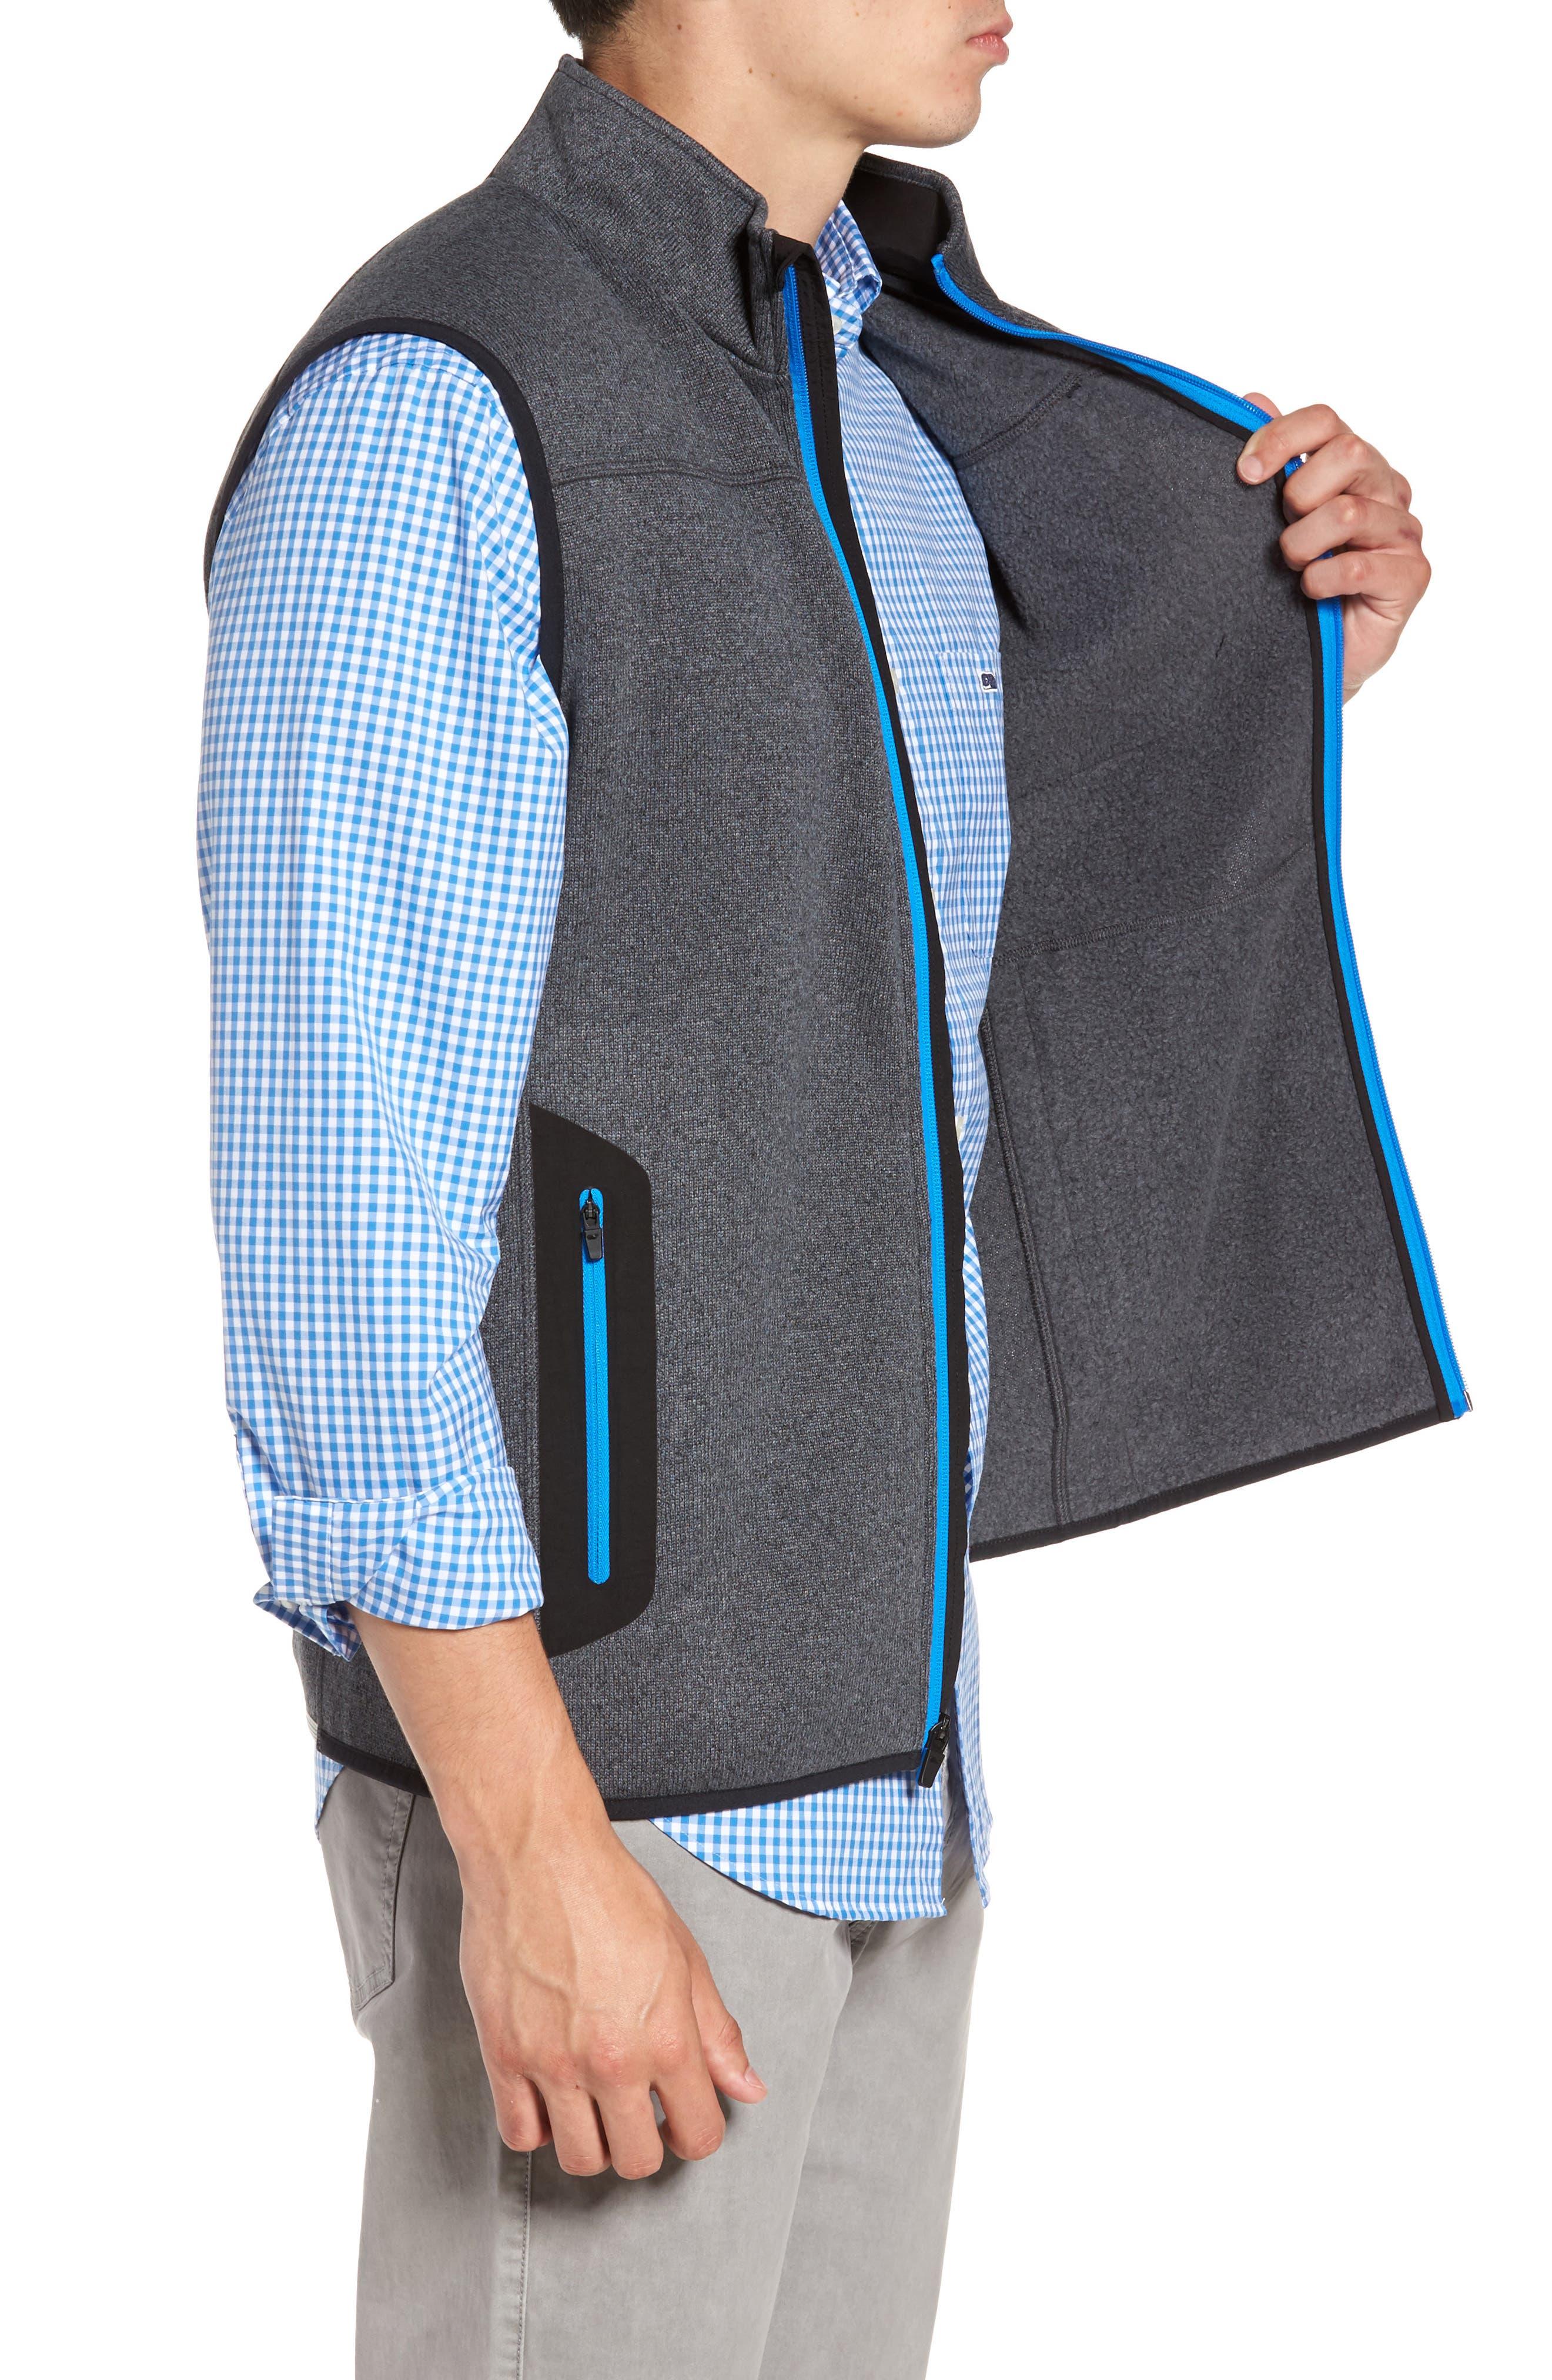 Tech Sweater Fleece Vest,                             Alternate thumbnail 4, color,                             Charcoal